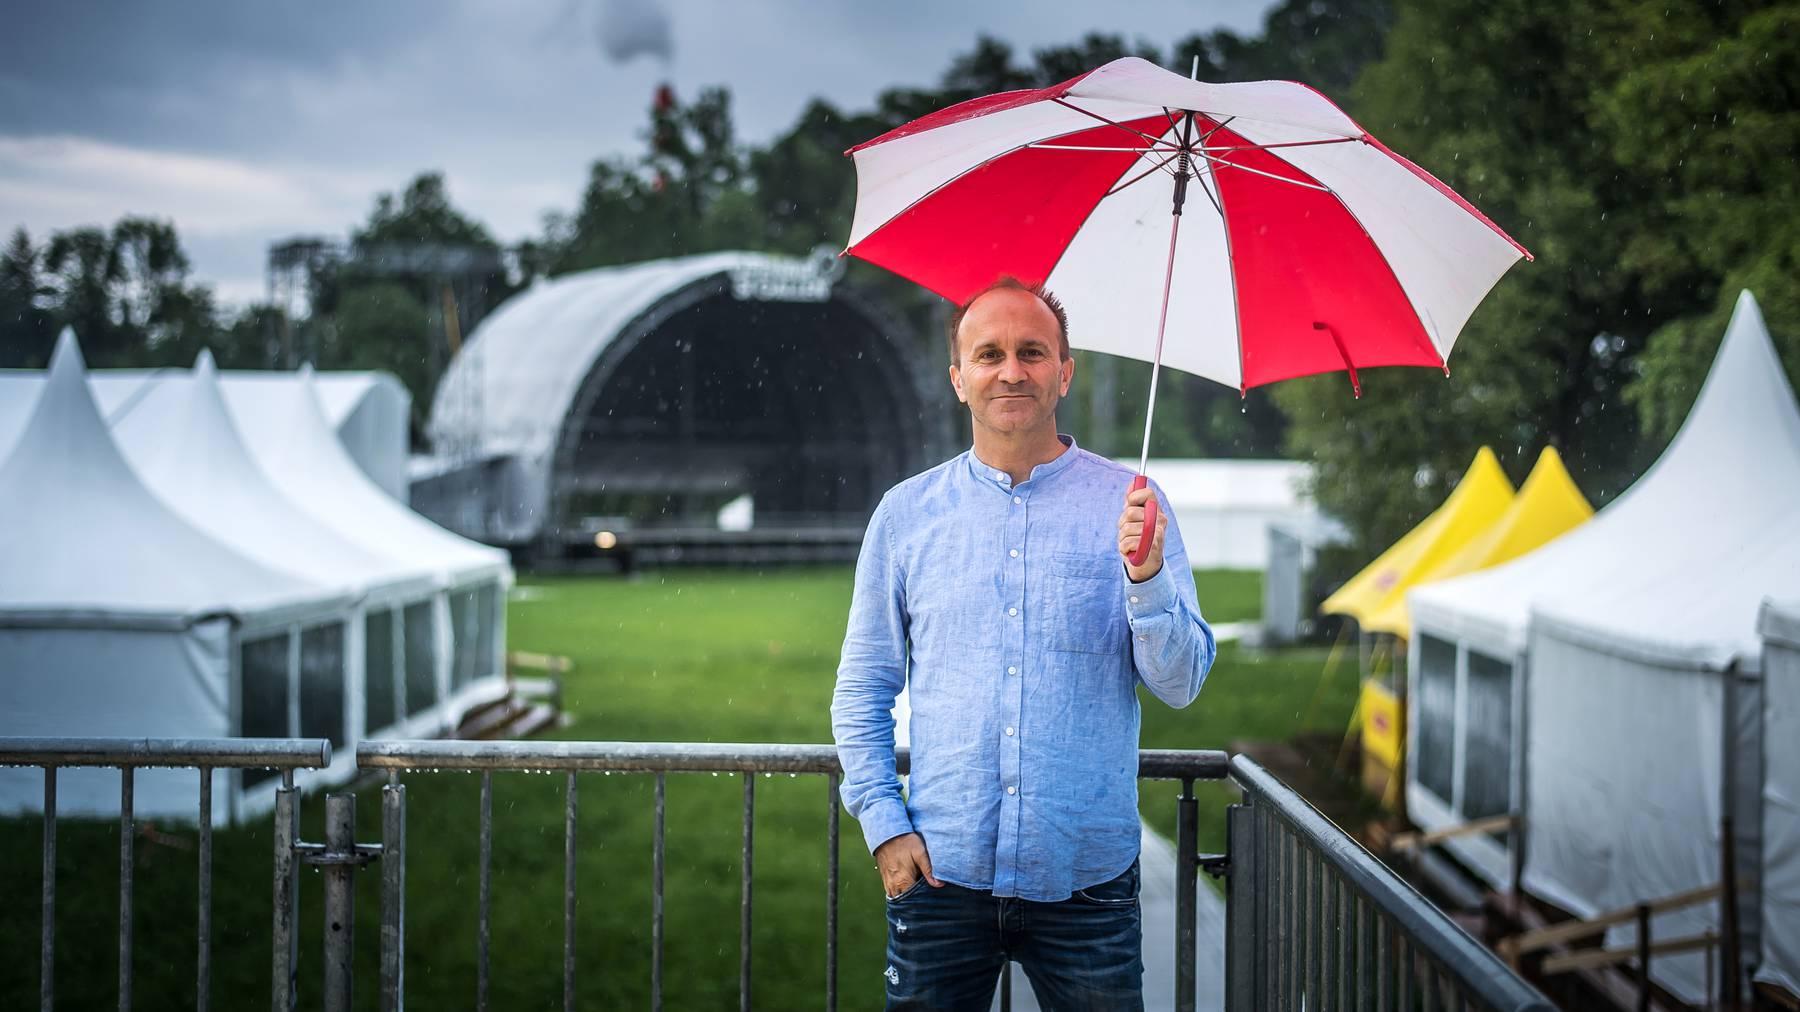 Wegen des Coronavirus fällt «sein» Festival dieses Jahr ins Wasser: OASG-Direktor Christof Huber